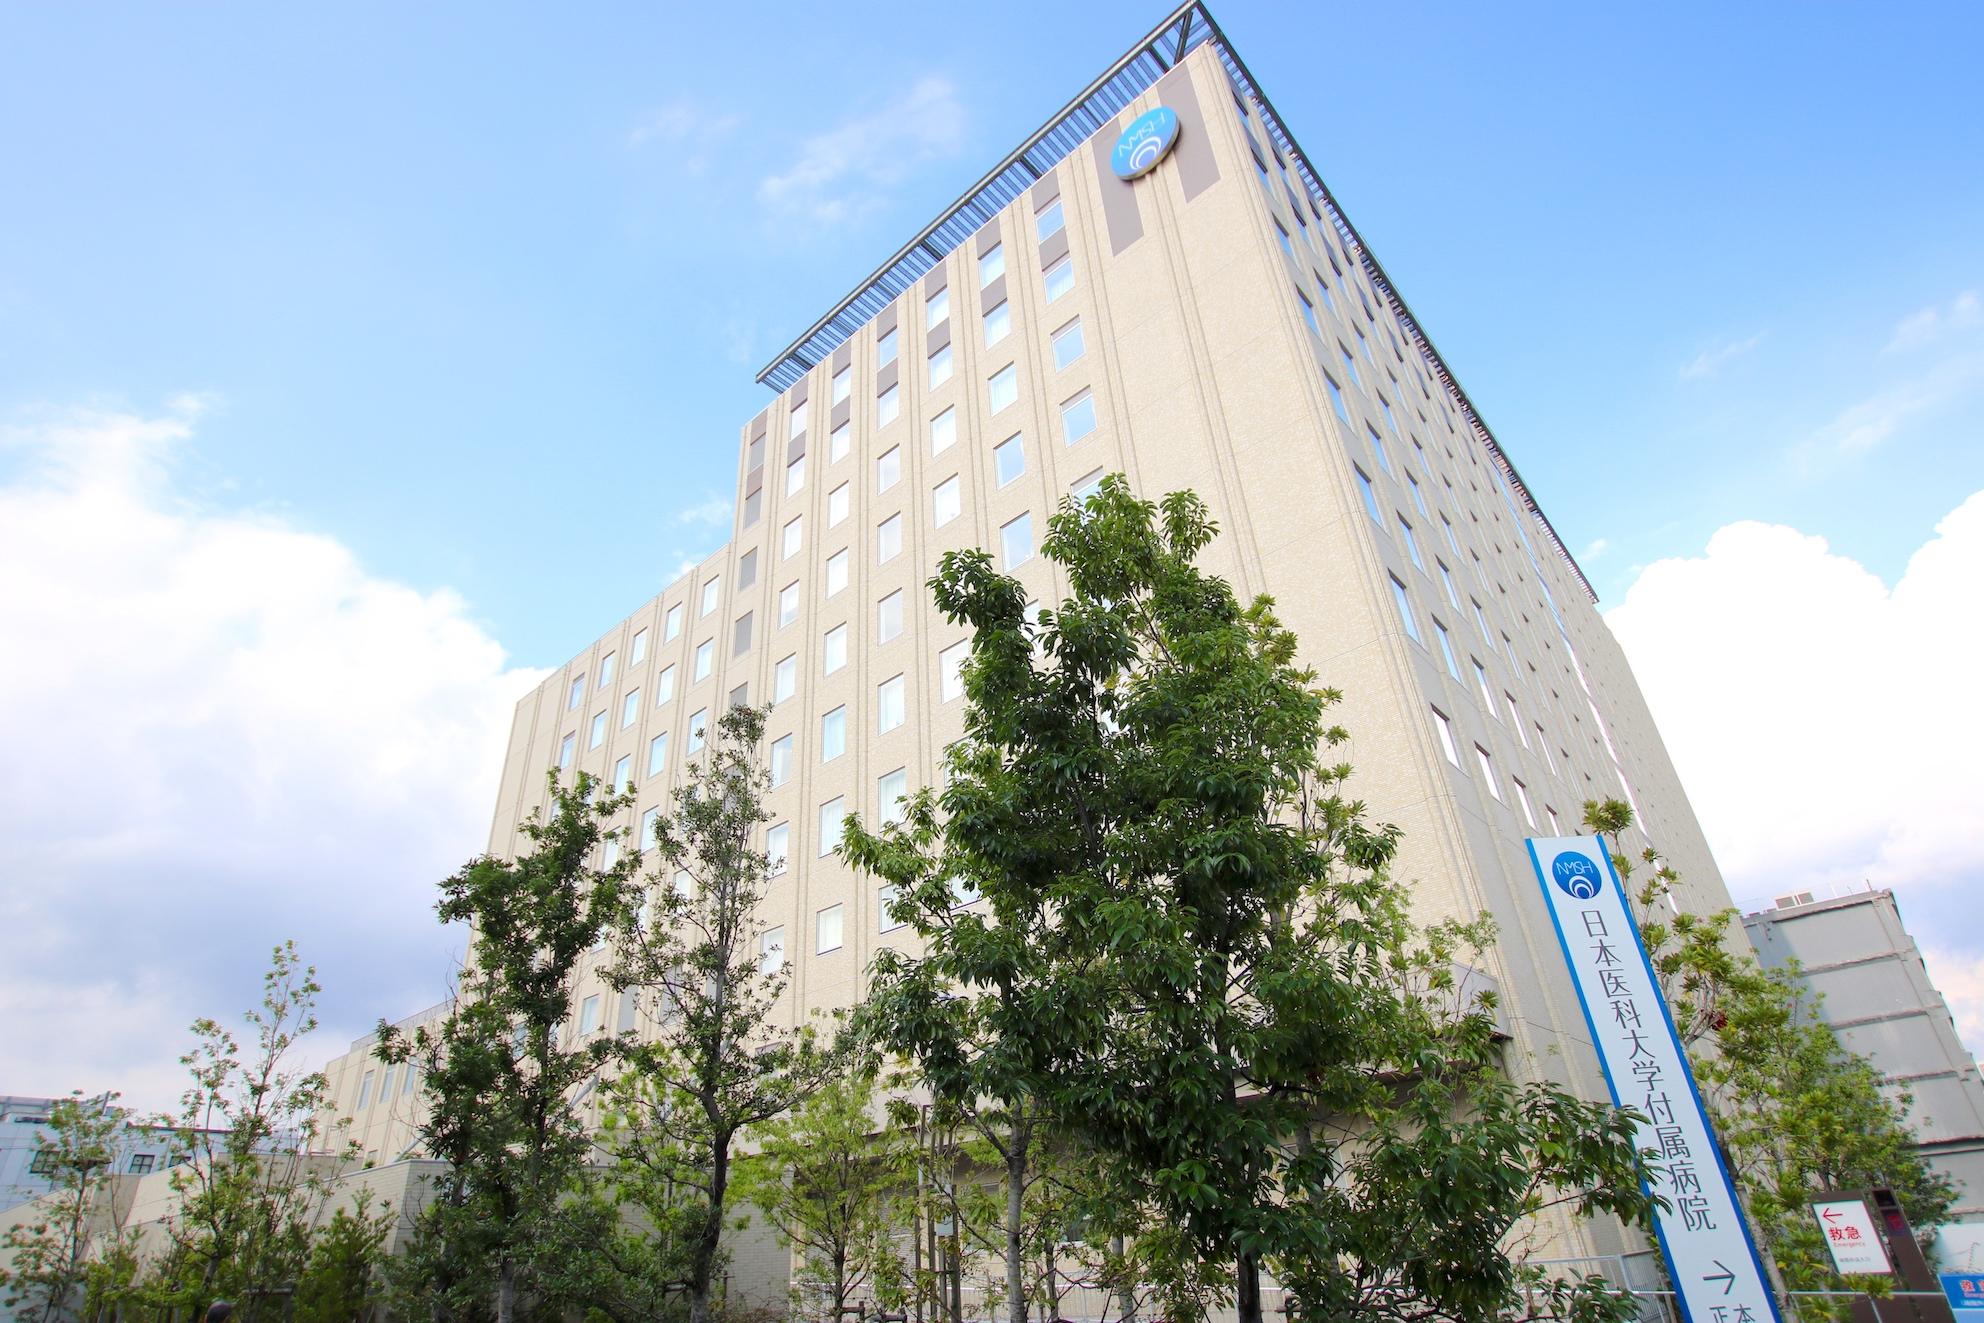 日本医科大学付属病院の病棟でゴミ回収や拭き掃除をする仕事